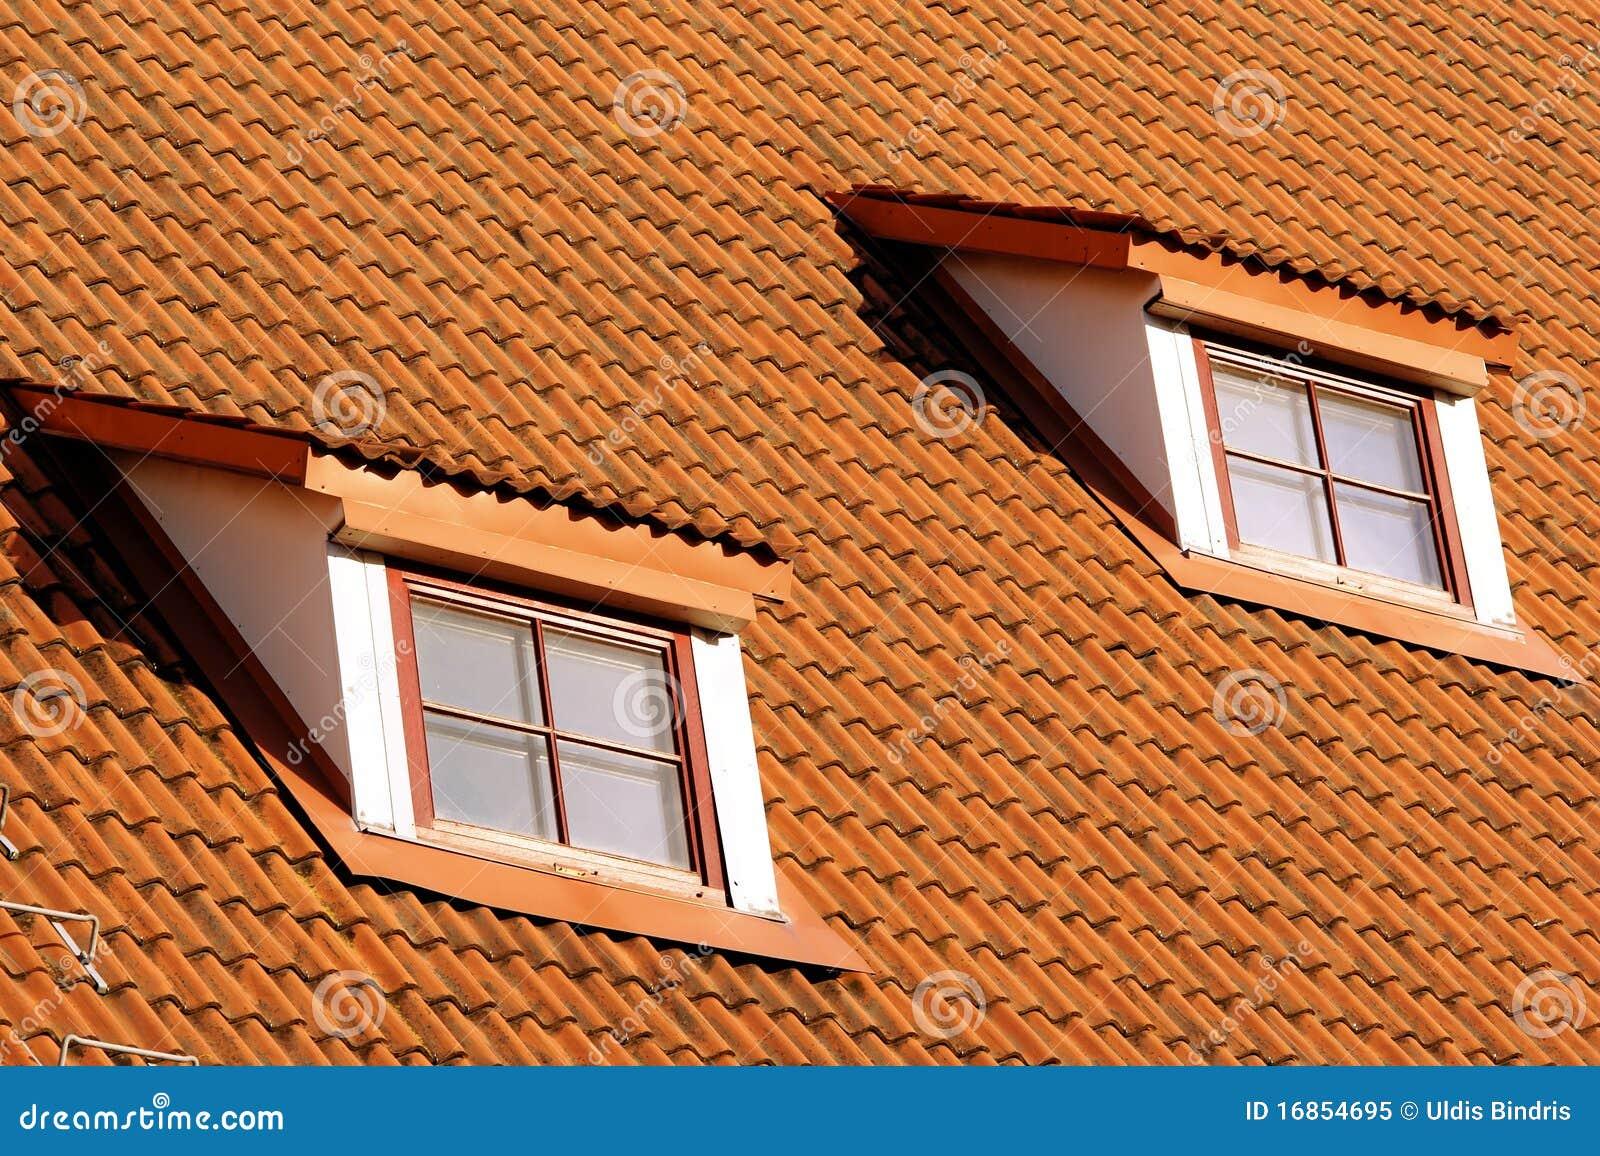 Tetto di piastrellatura con le finestre immagine stock immagine di asta particolare 16854695 - Finestre a tetto ...